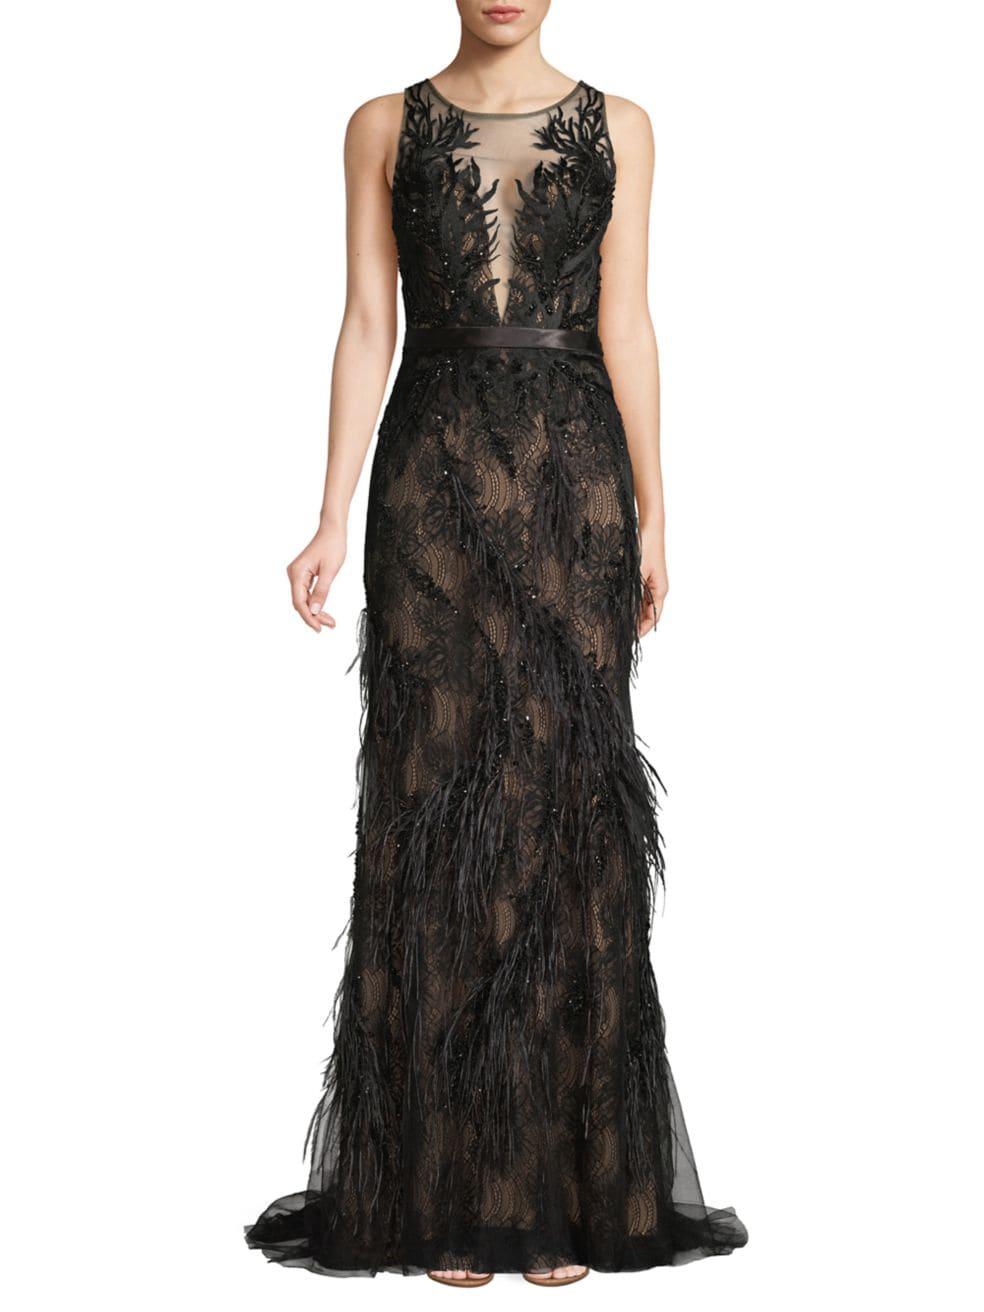 Basix Black Label Lace & Feather Trim Column Dress   SaksFifthAvenue